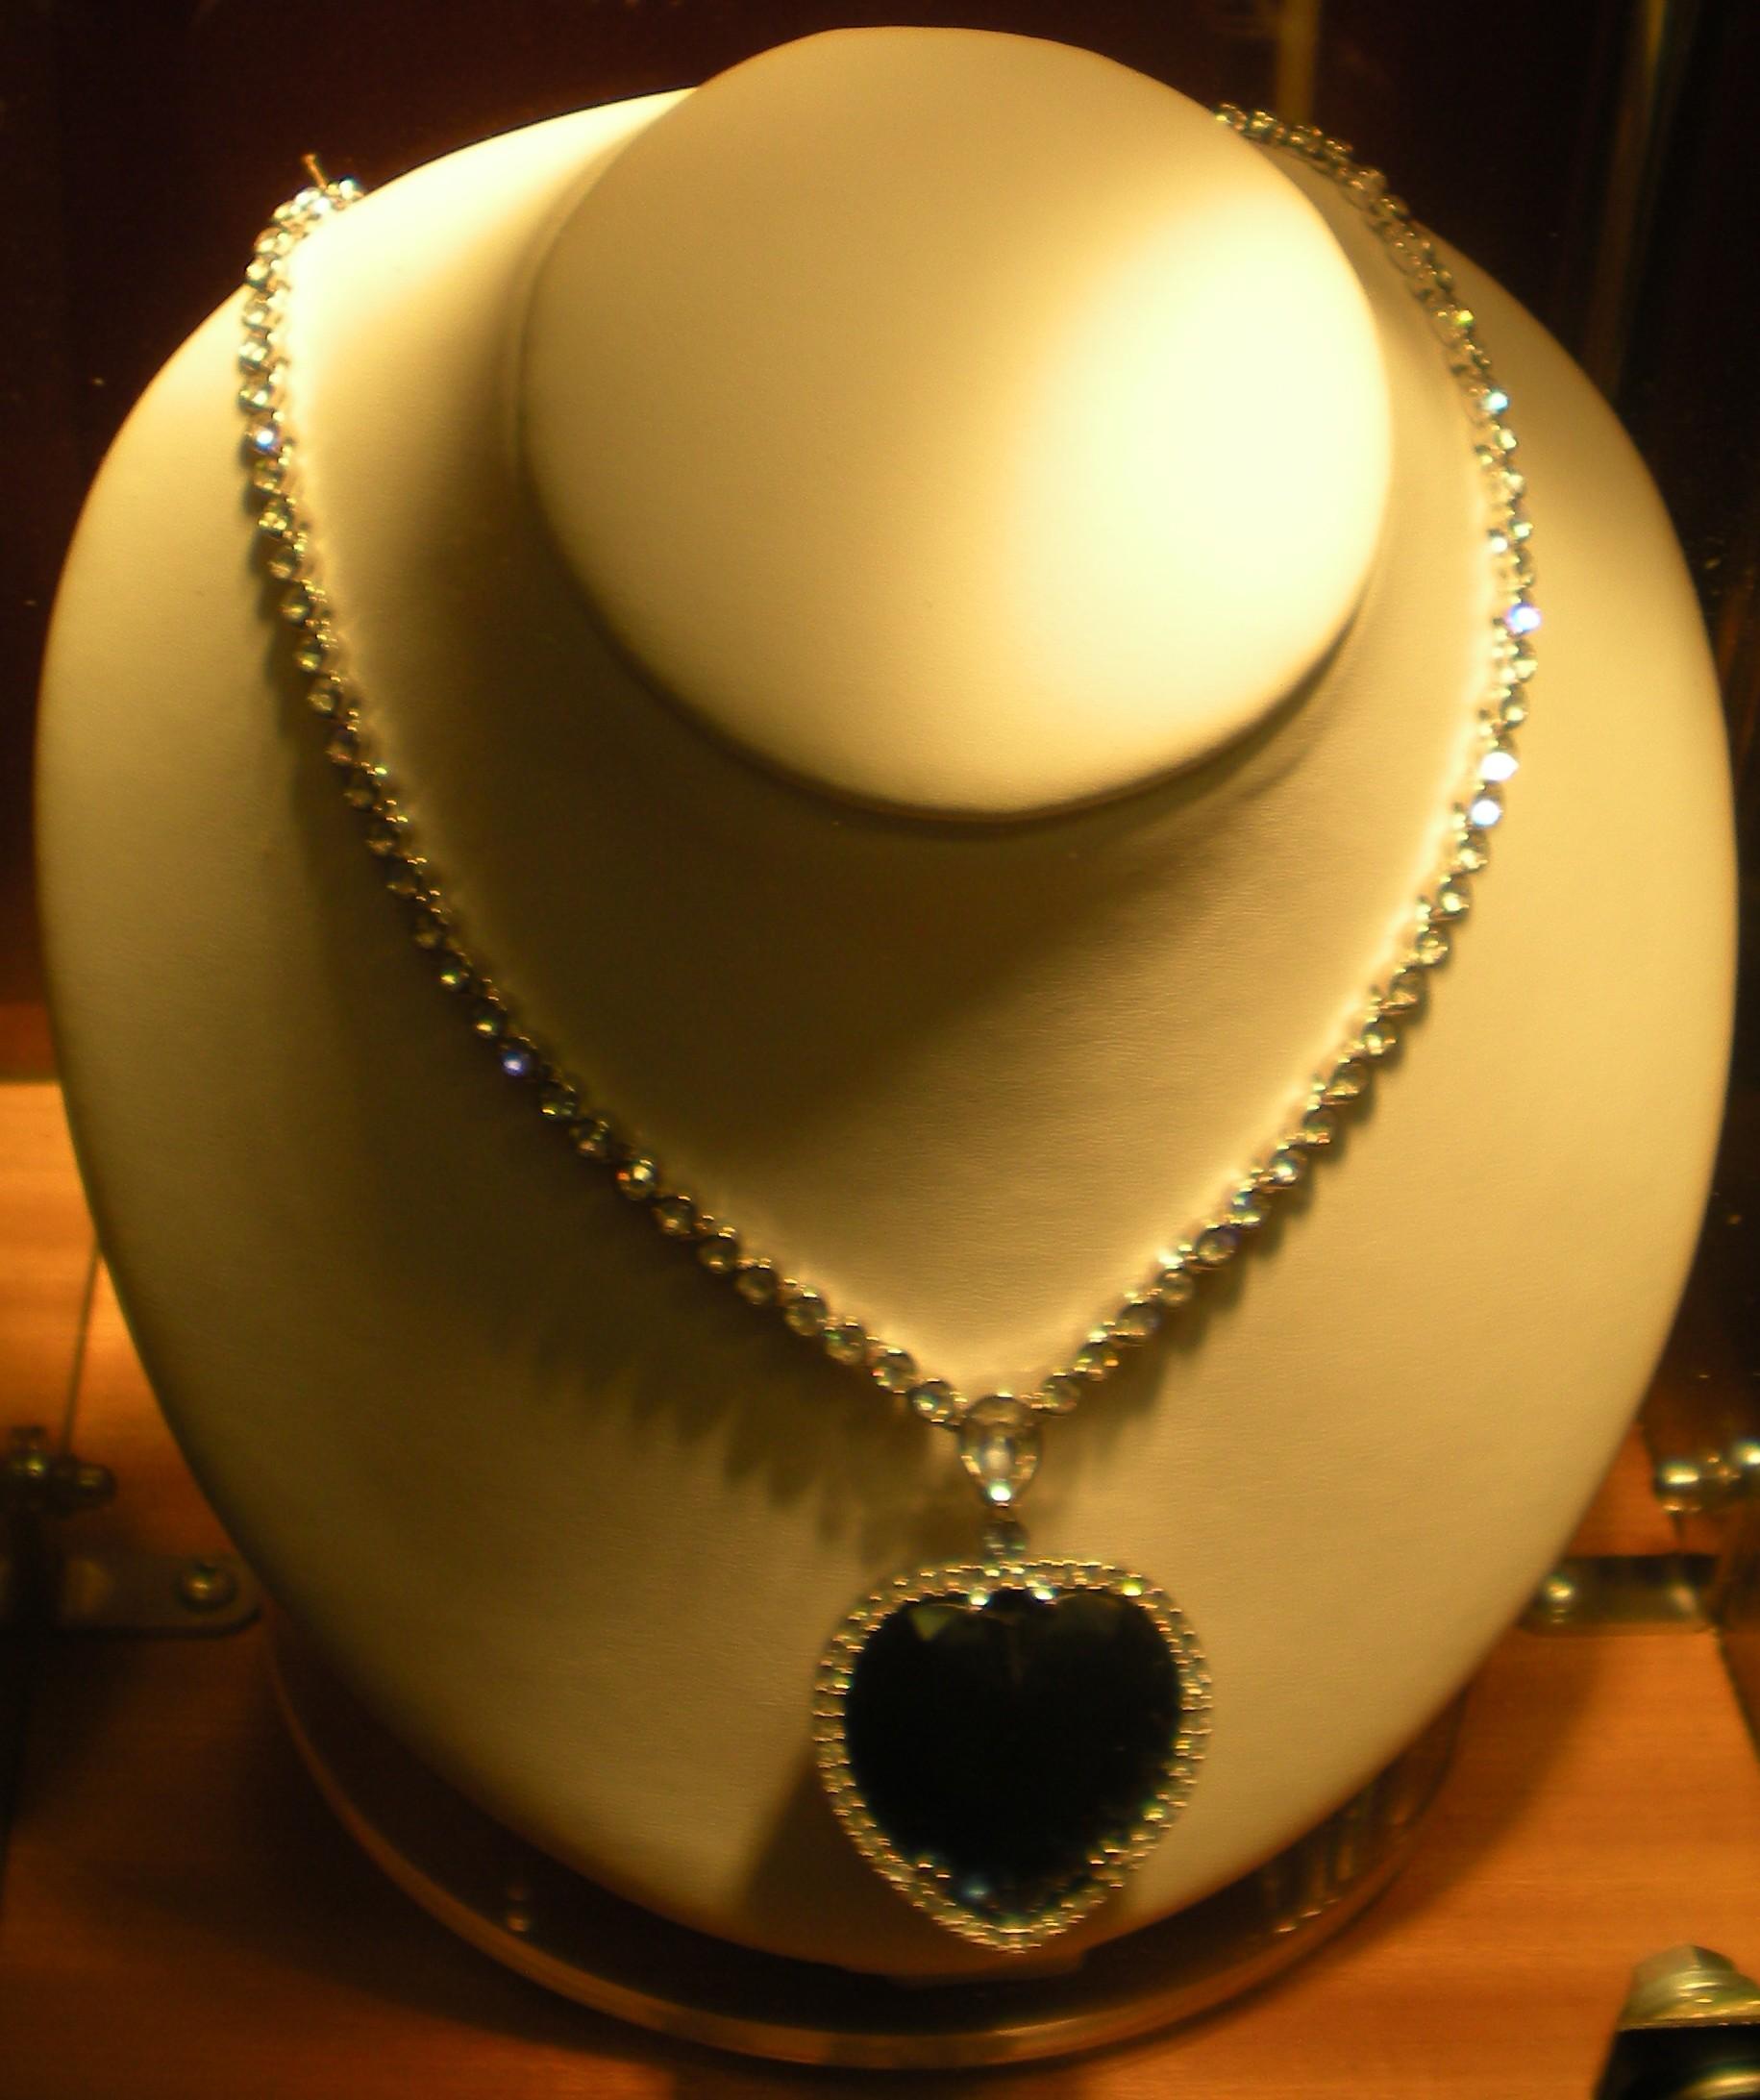 Kalung berlian Heart of the Ocean yang asli Kalung inilah yang dikenakan oleh Rose DeWitt Bukater dalam film Titanic